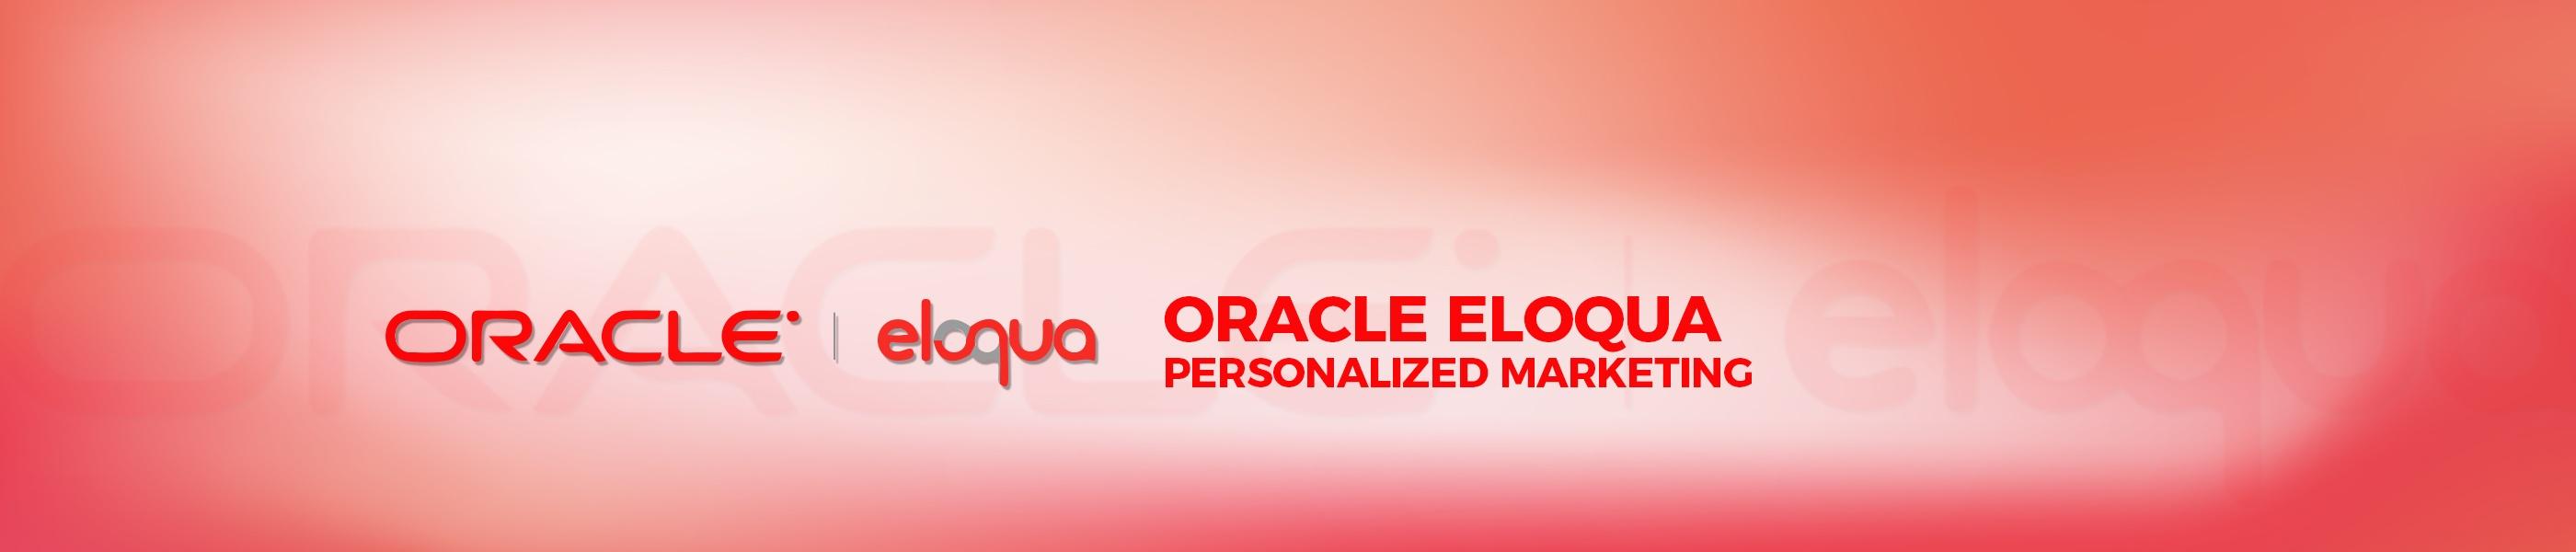 180108_Produkte_OracleEloqua_EN.jpg